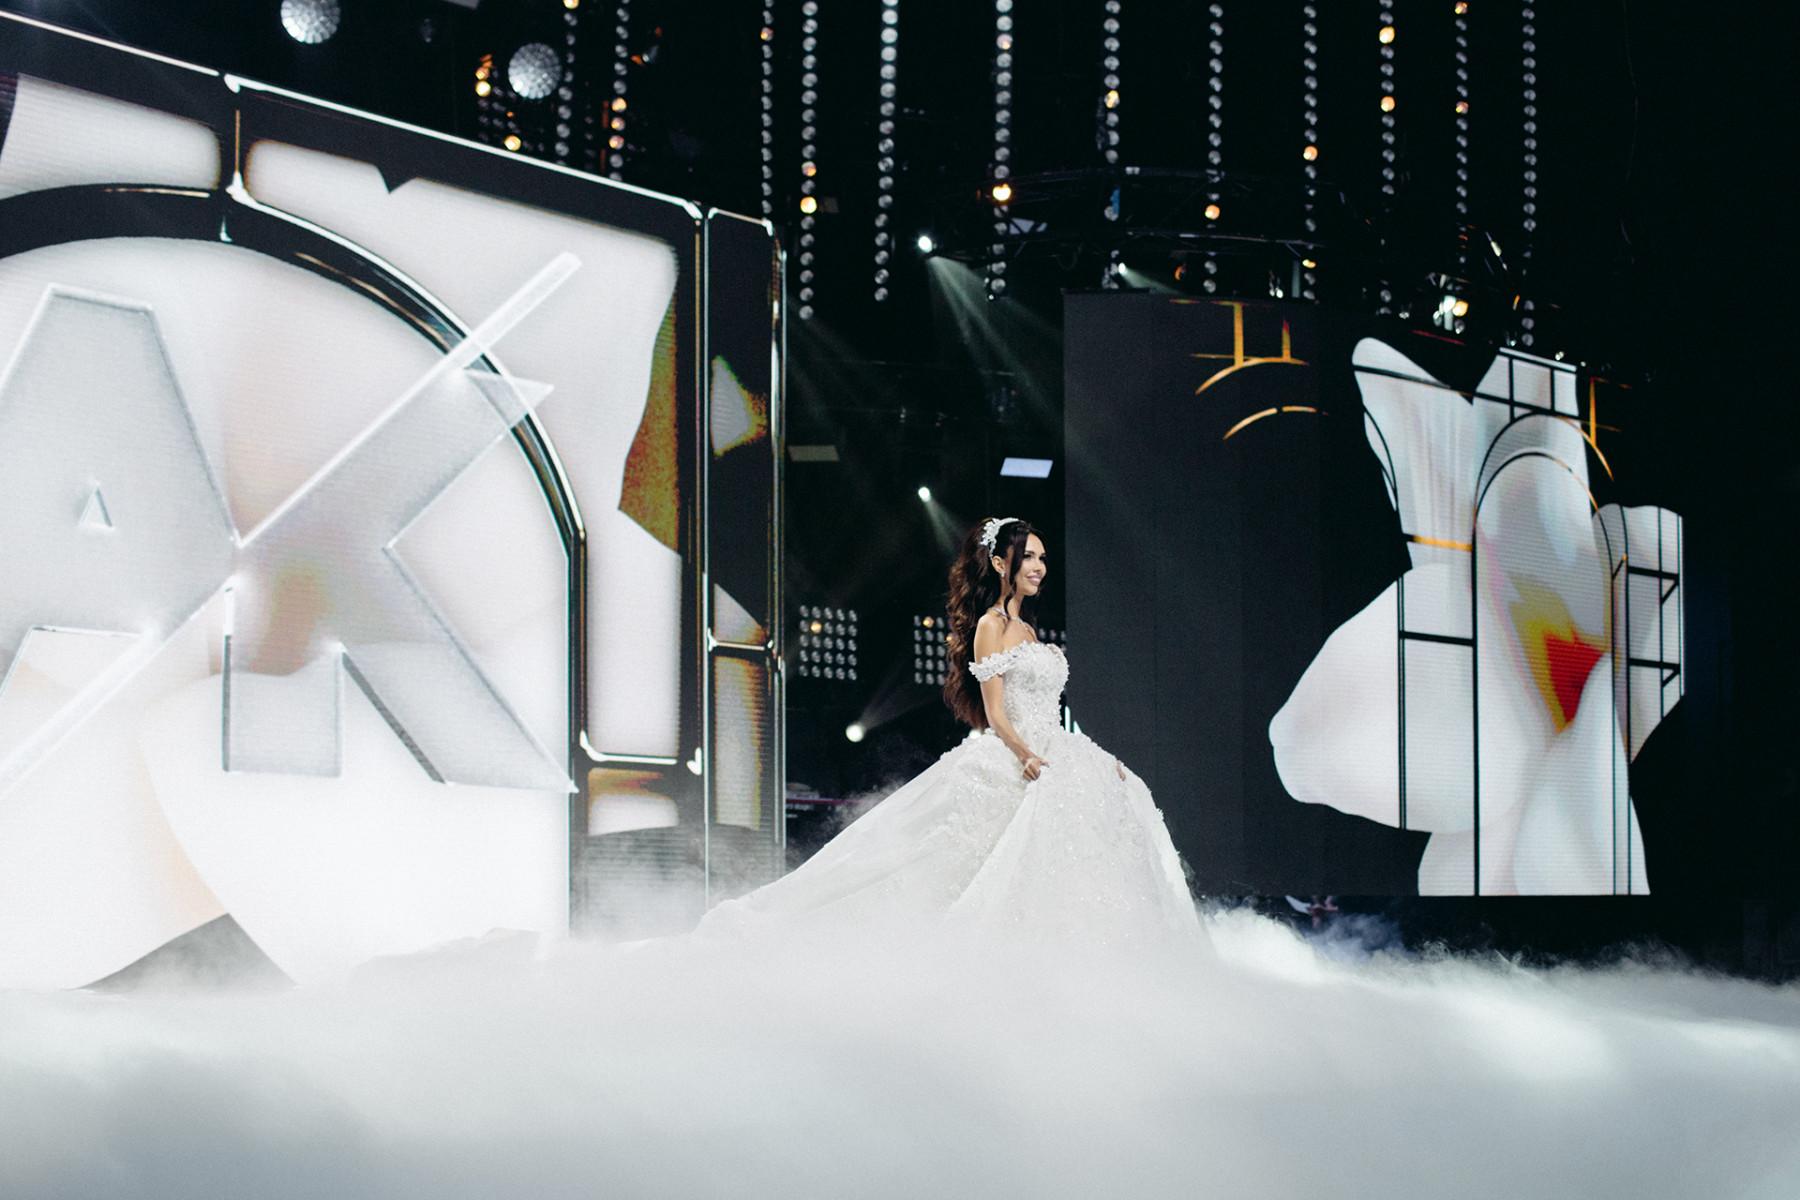 «Грани чувств»: лучшая свадьба России 2017 года